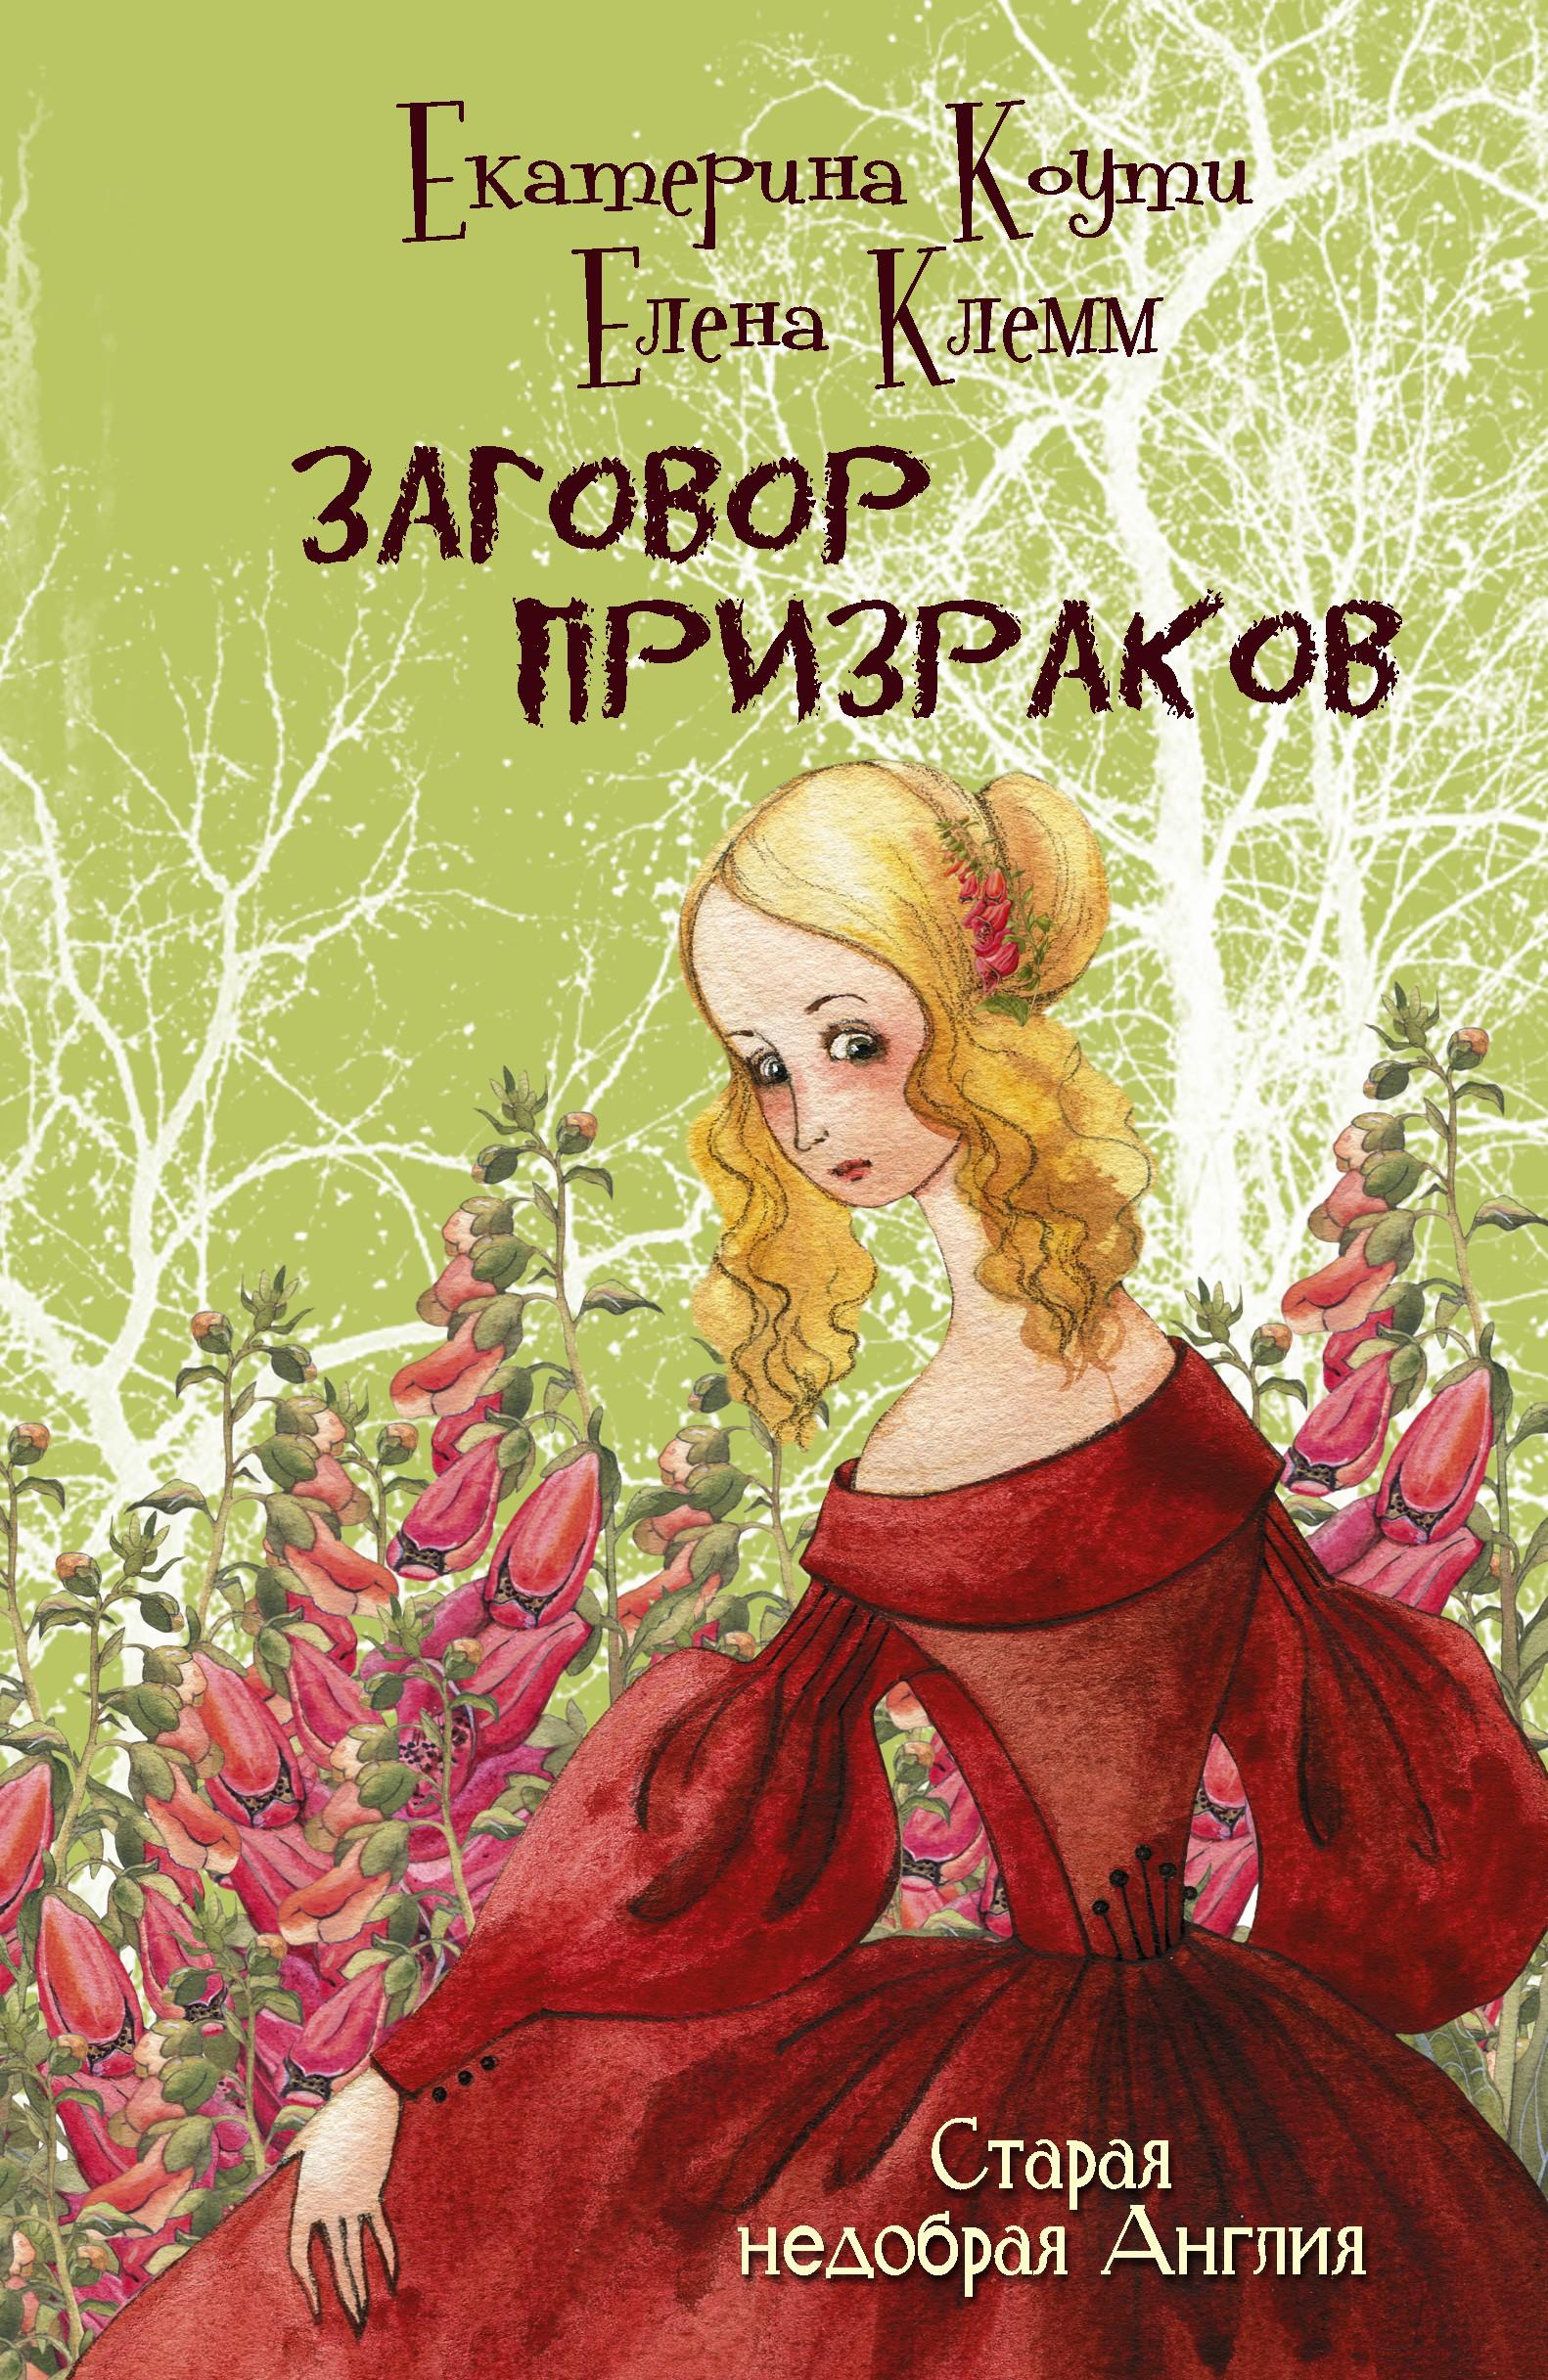 Мой выбор - Magazine cover